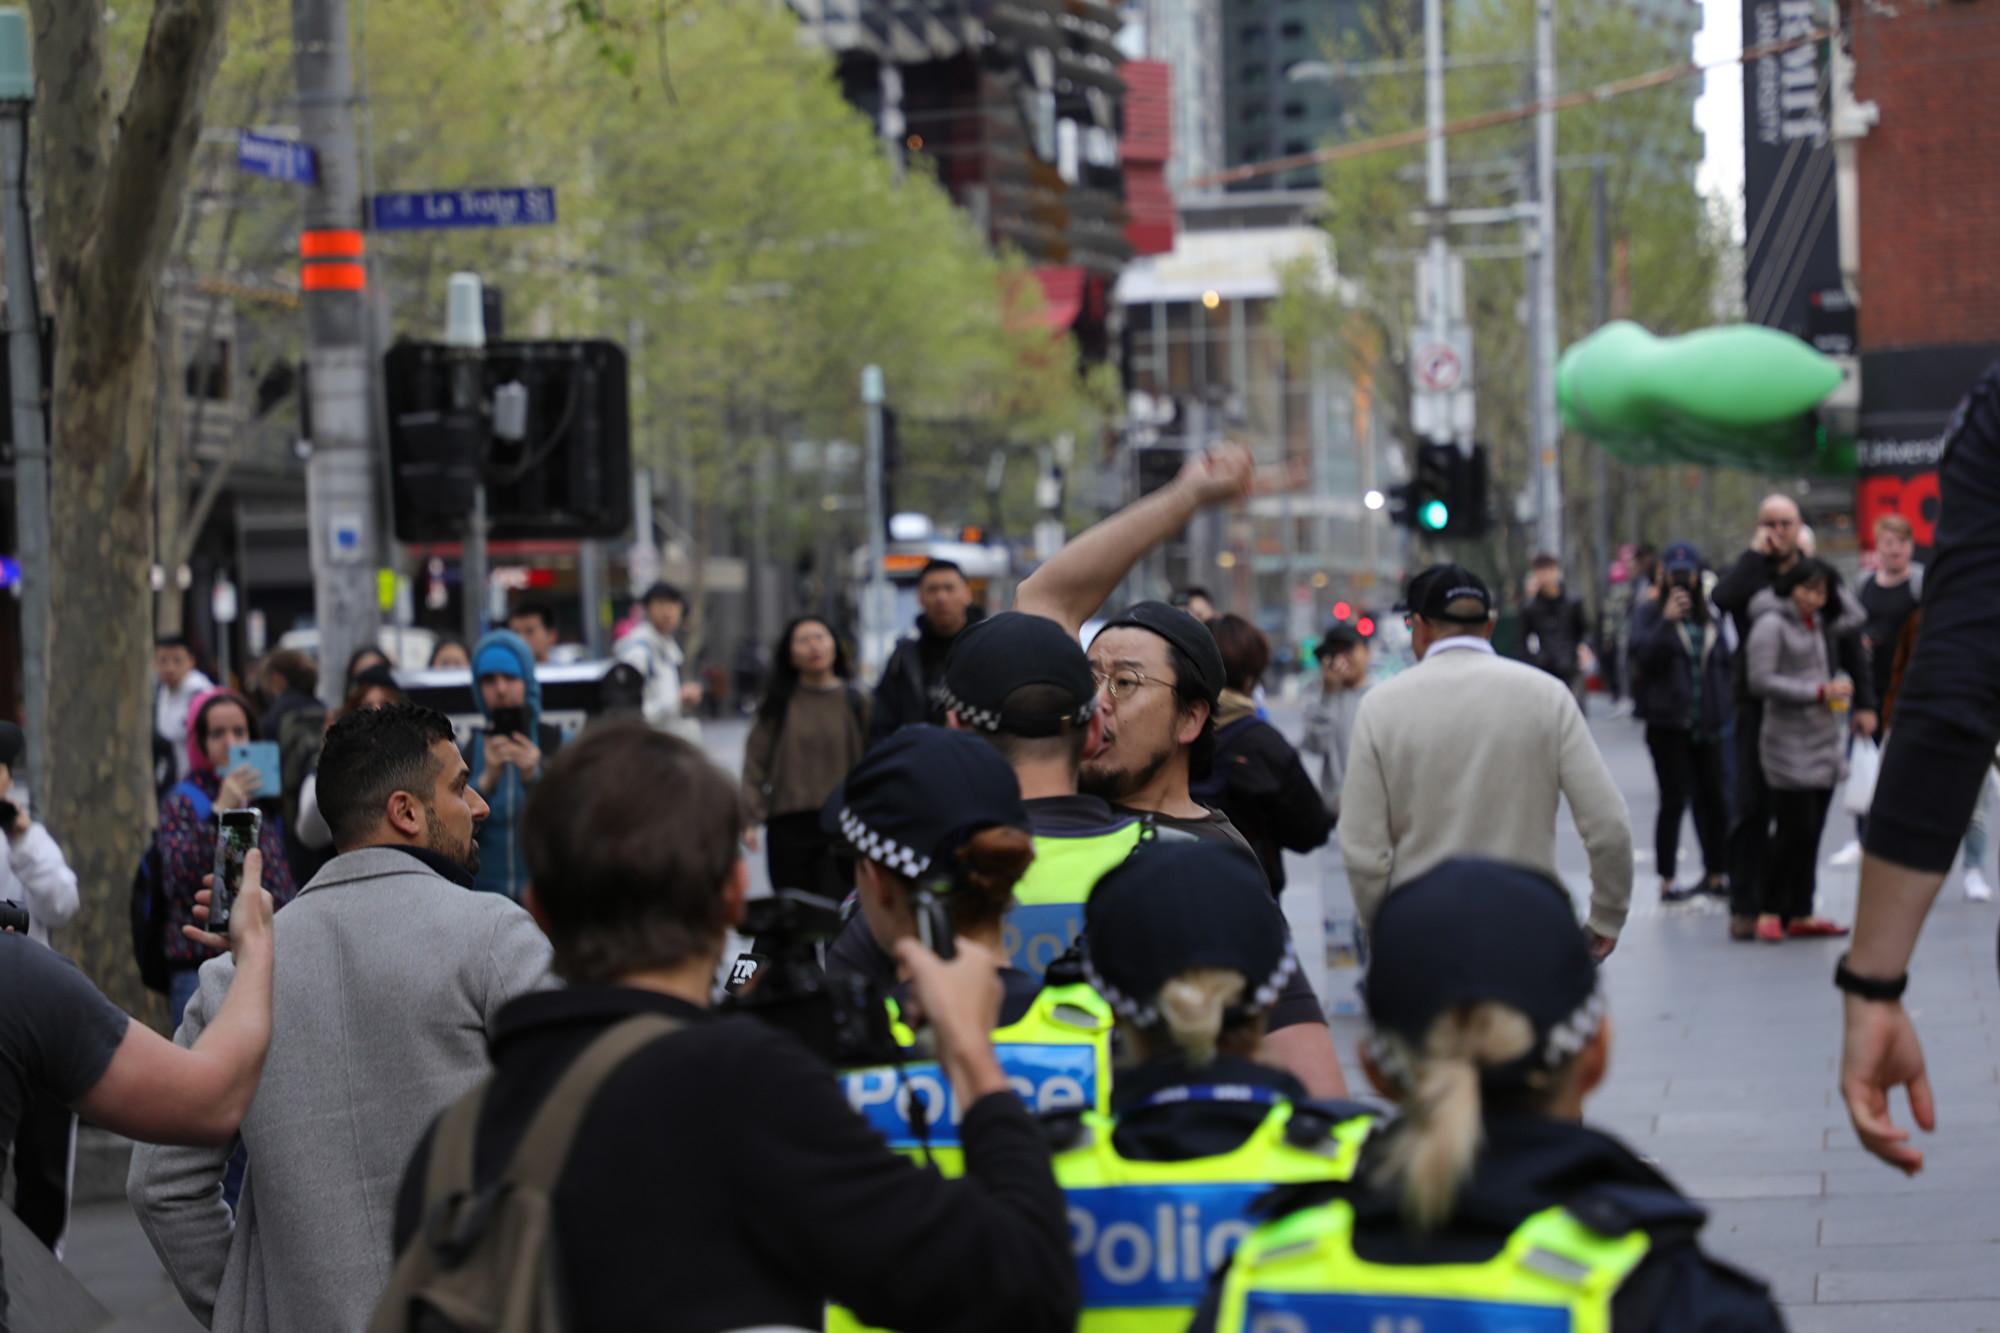 5點10分左右,一名親共人士遭警方驅逐。(Grace Yu/大紀元)